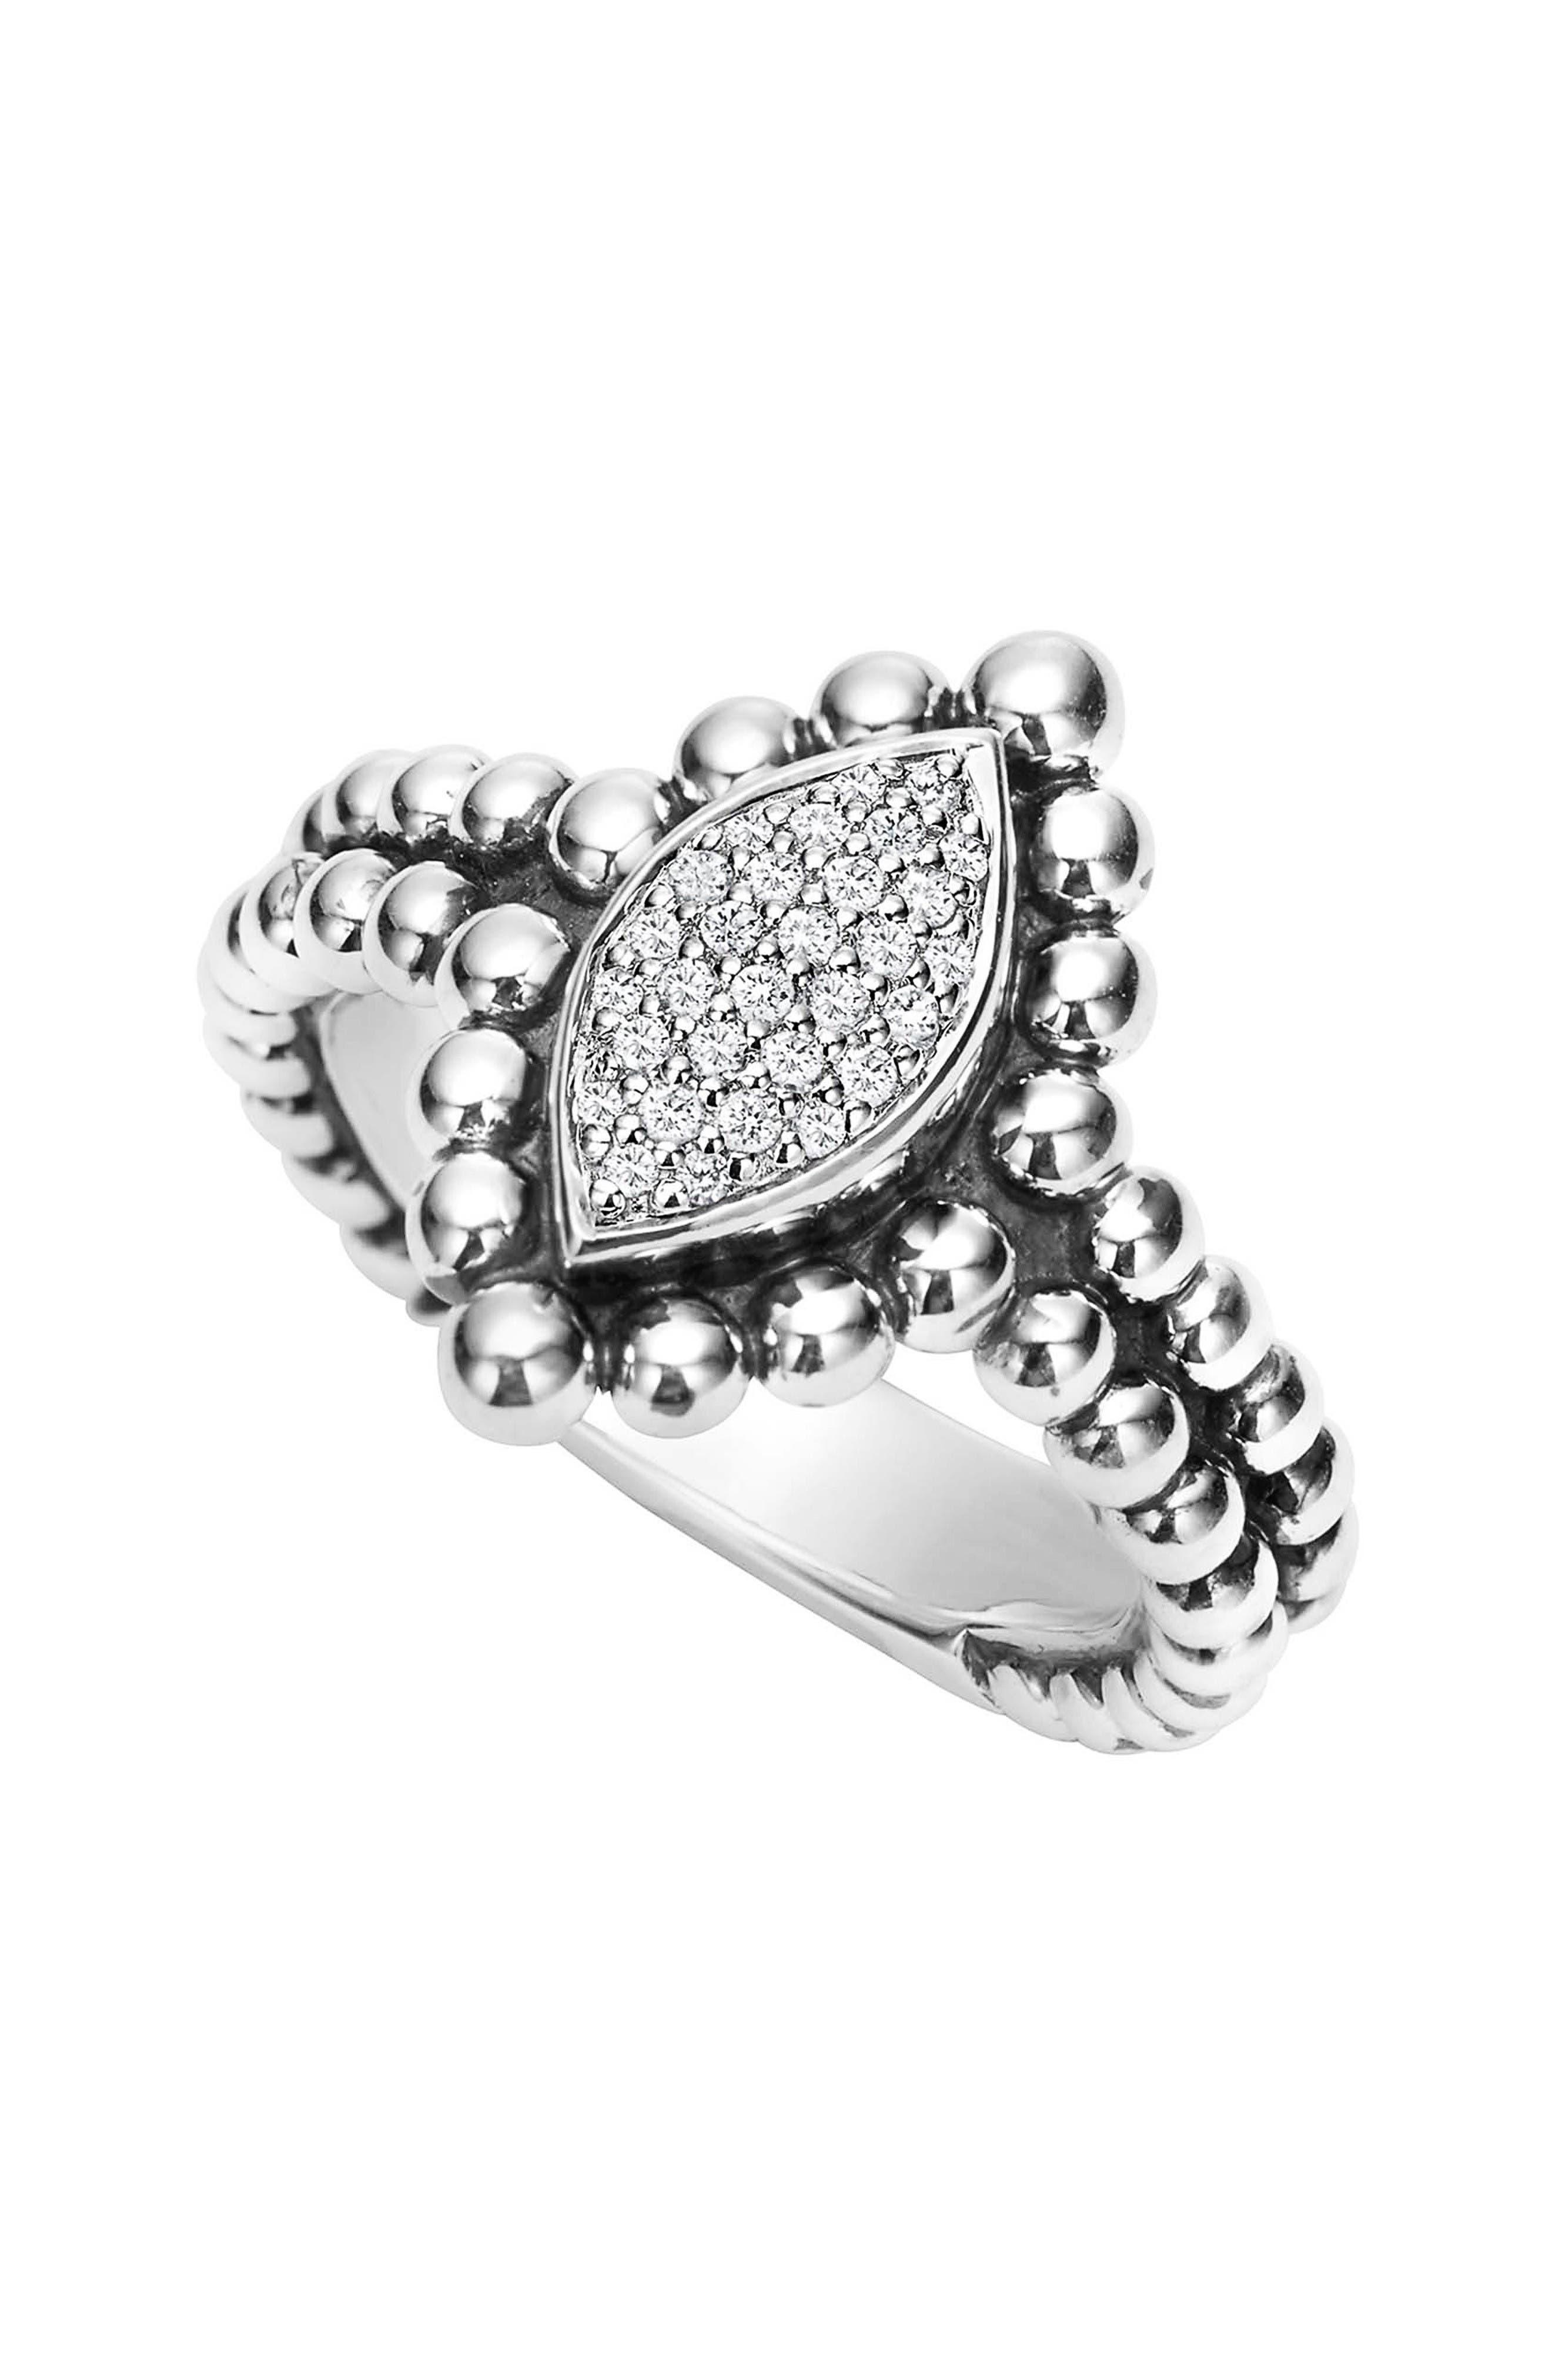 Main Image - LAGOS Caviar Spark Diamond Marquise Ring